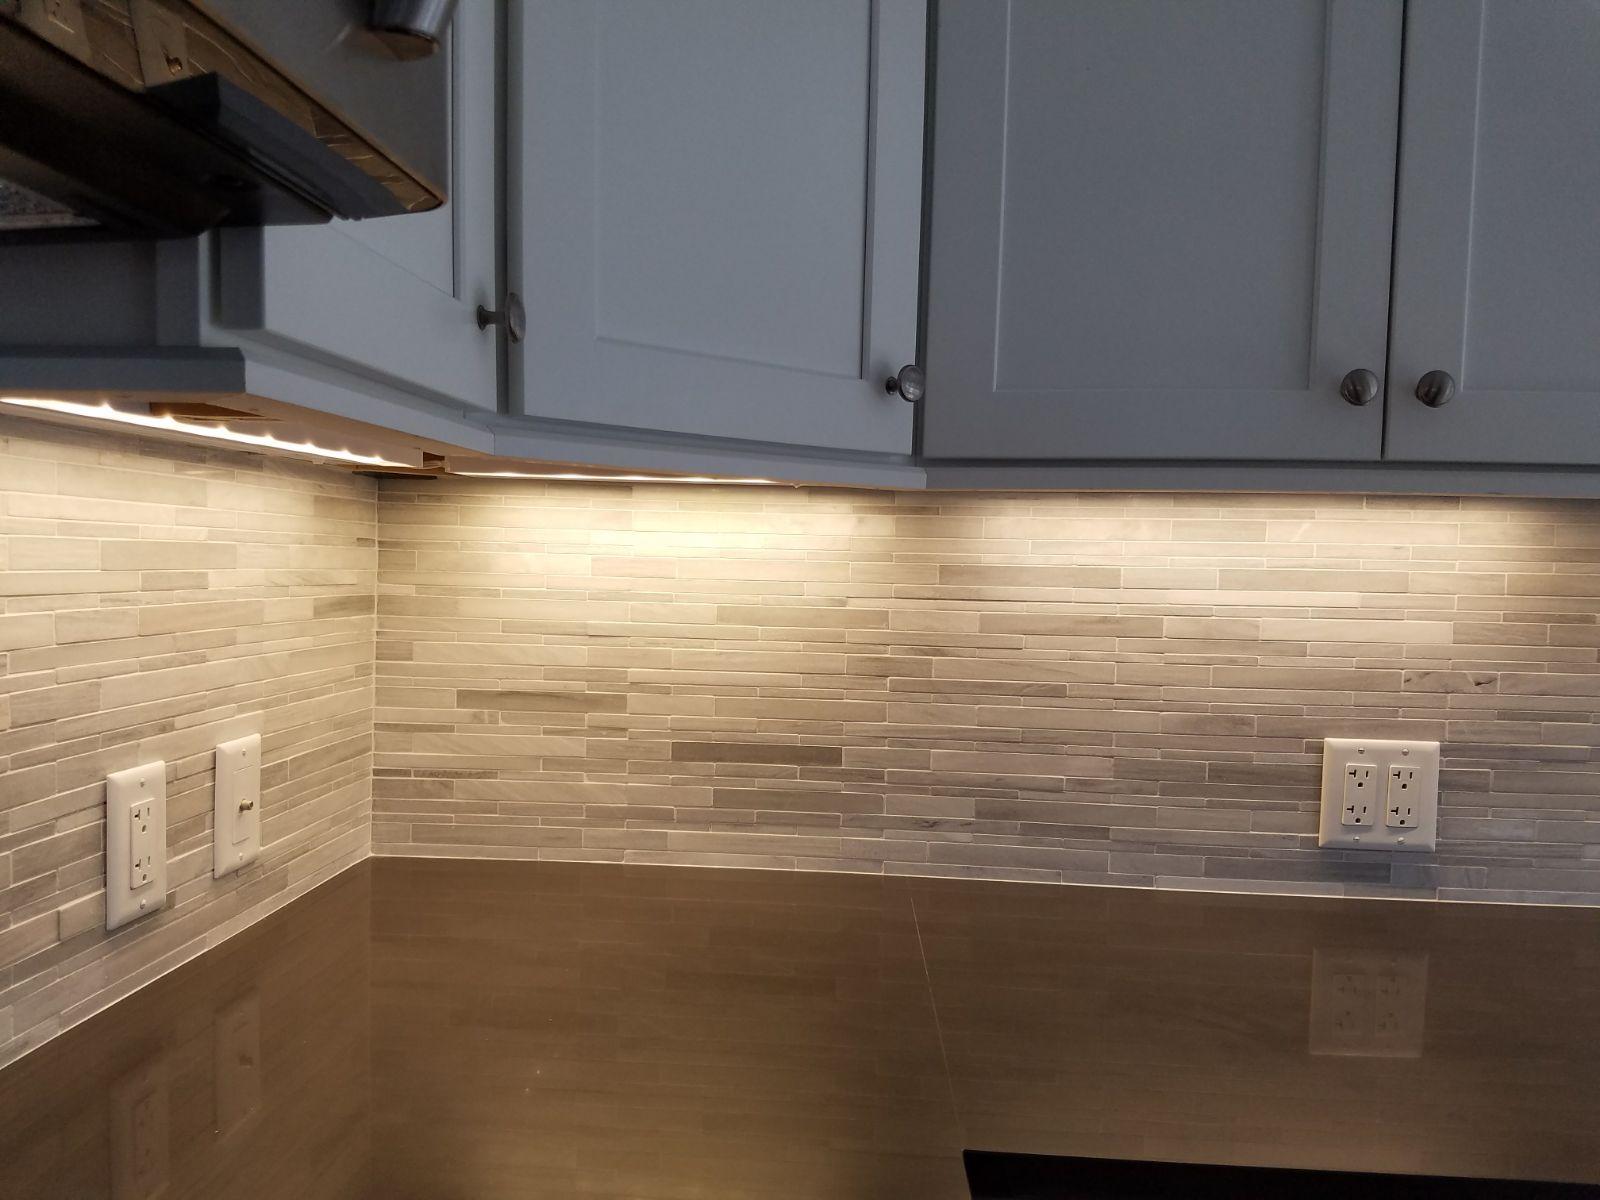 Kitchen 8.36.12 PM (1).jpeg